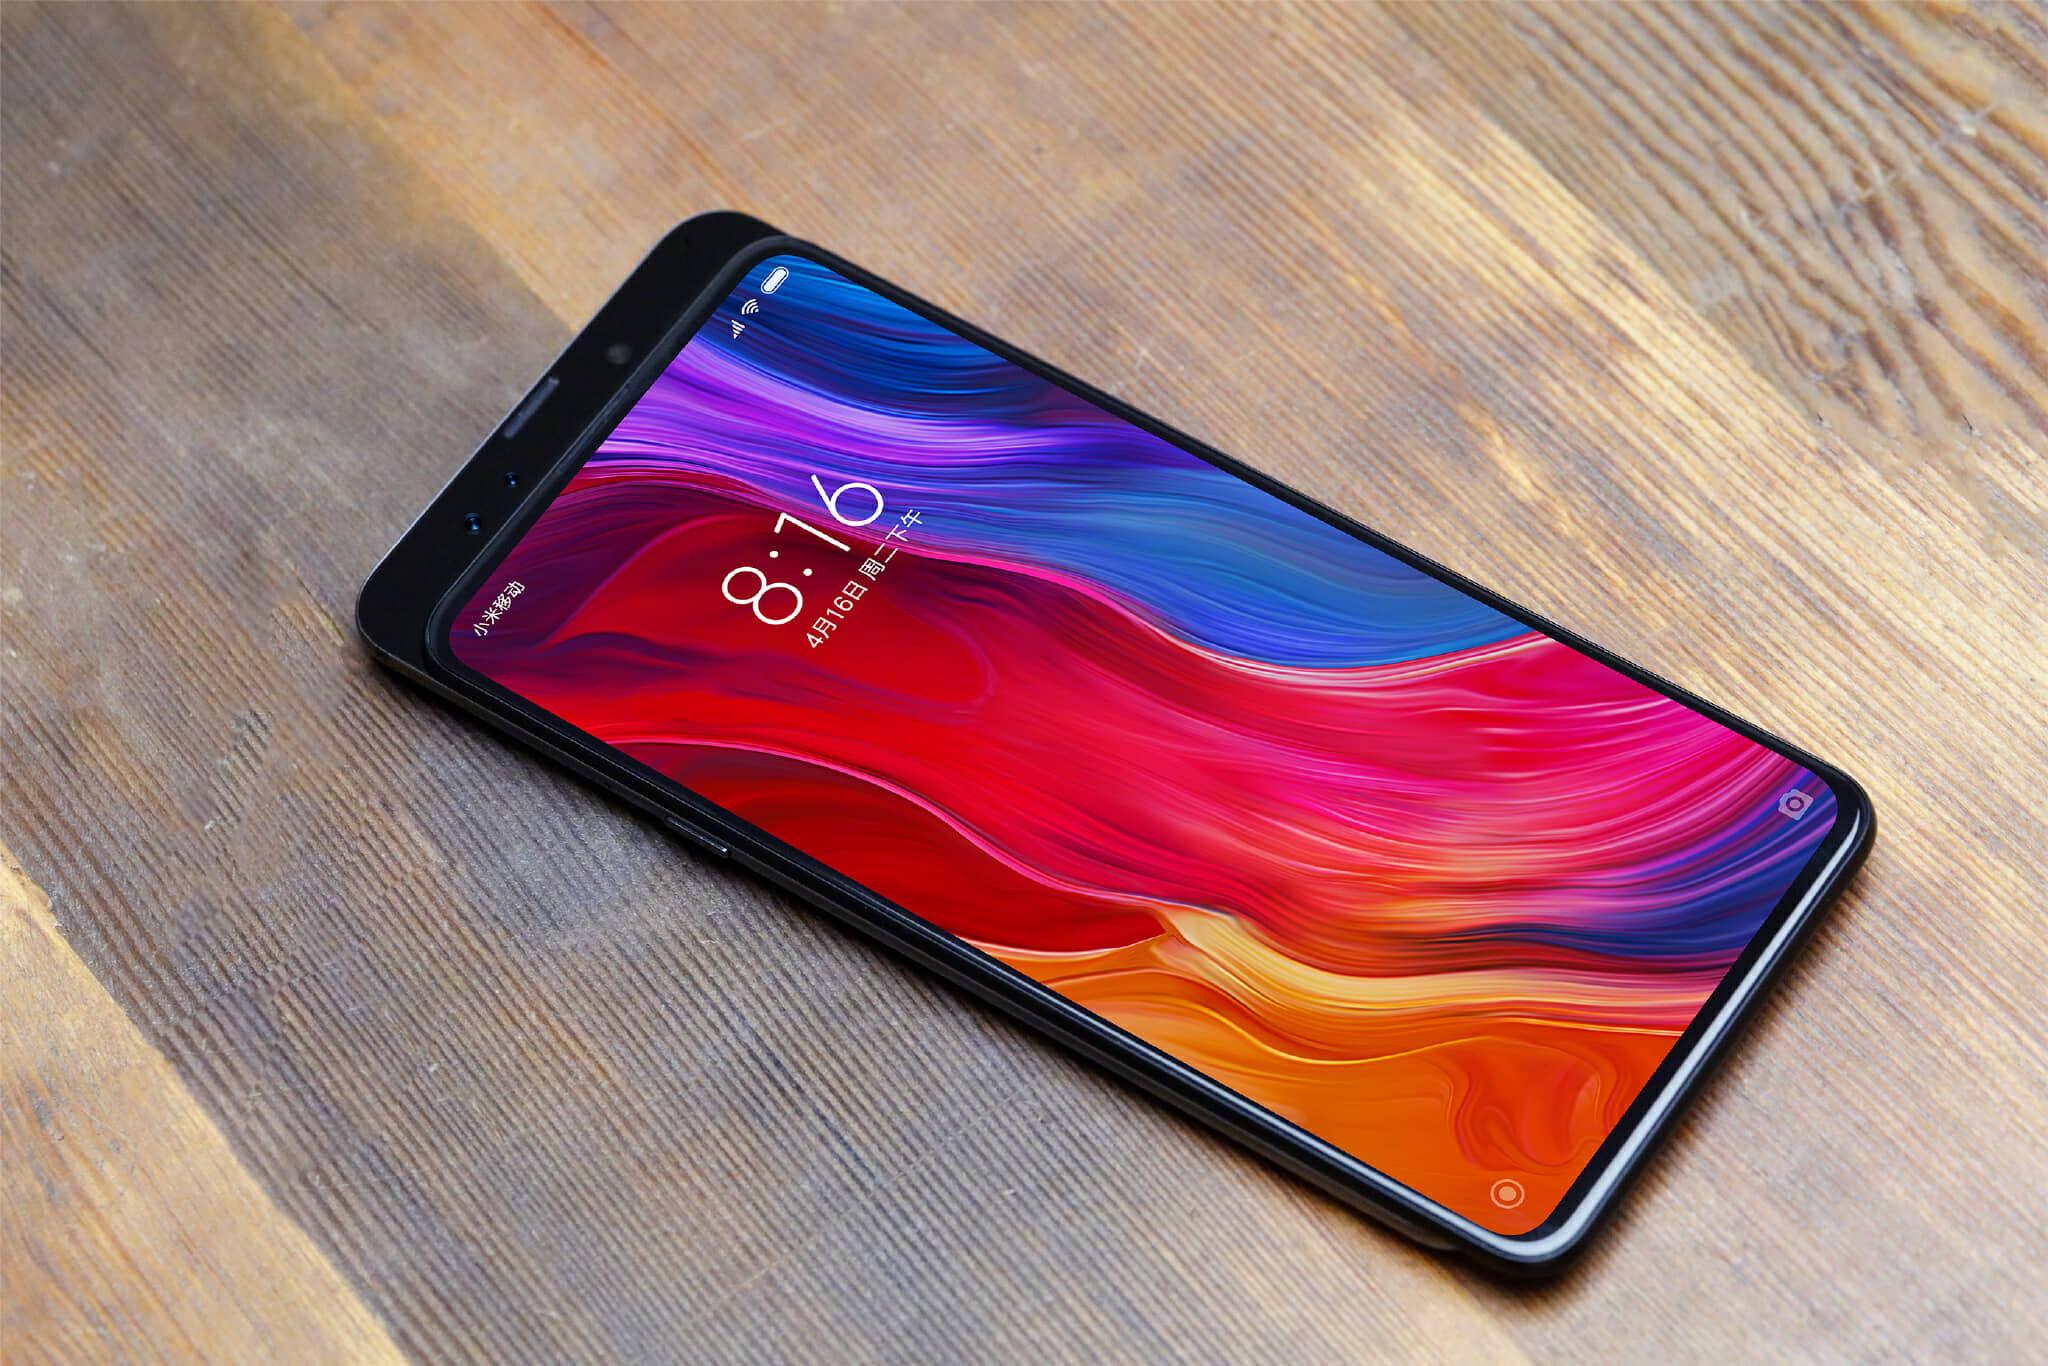 Telefony Xiaomi Mi 8 dostávají s aktualizací funkce foťáku z Mi Mix 3